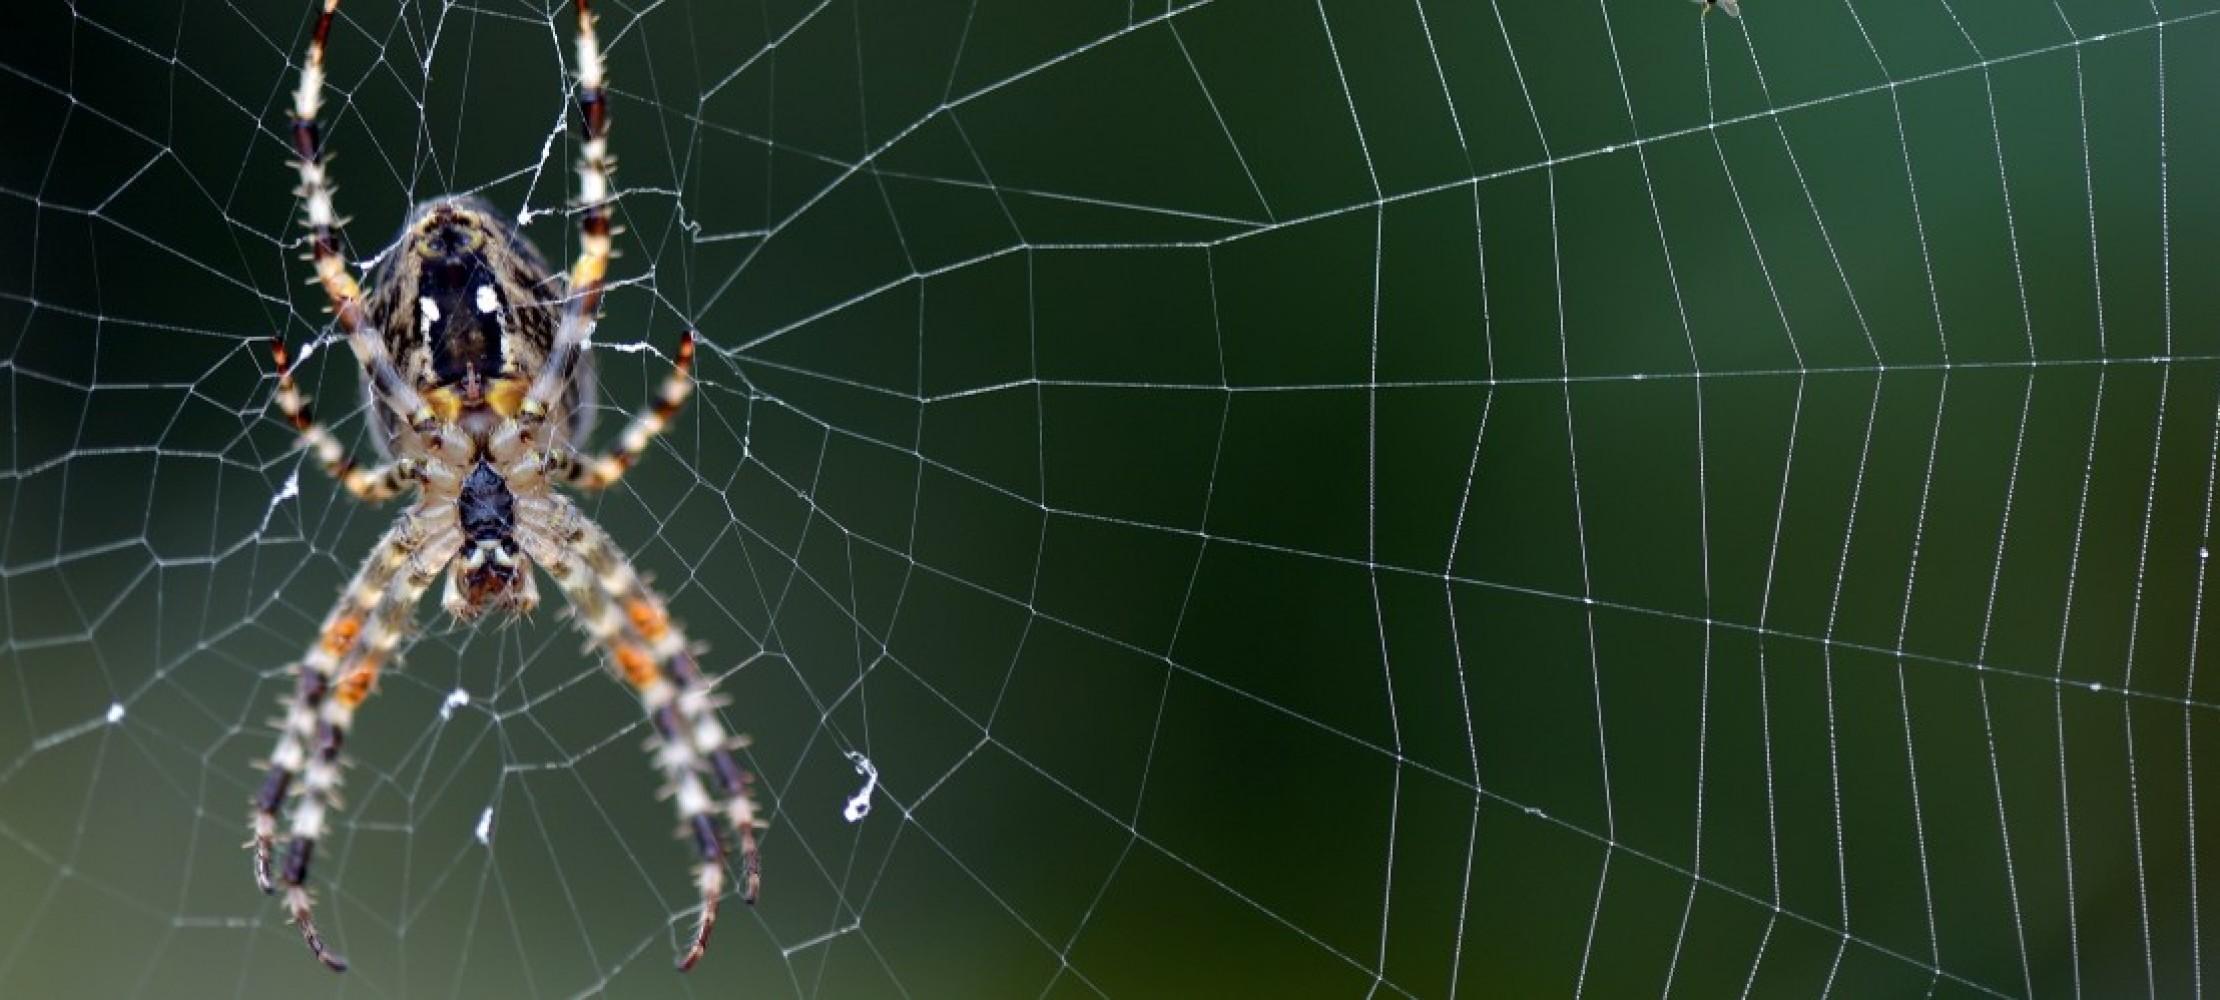 spinne kennenlernen fragen beziehung kennenlernen